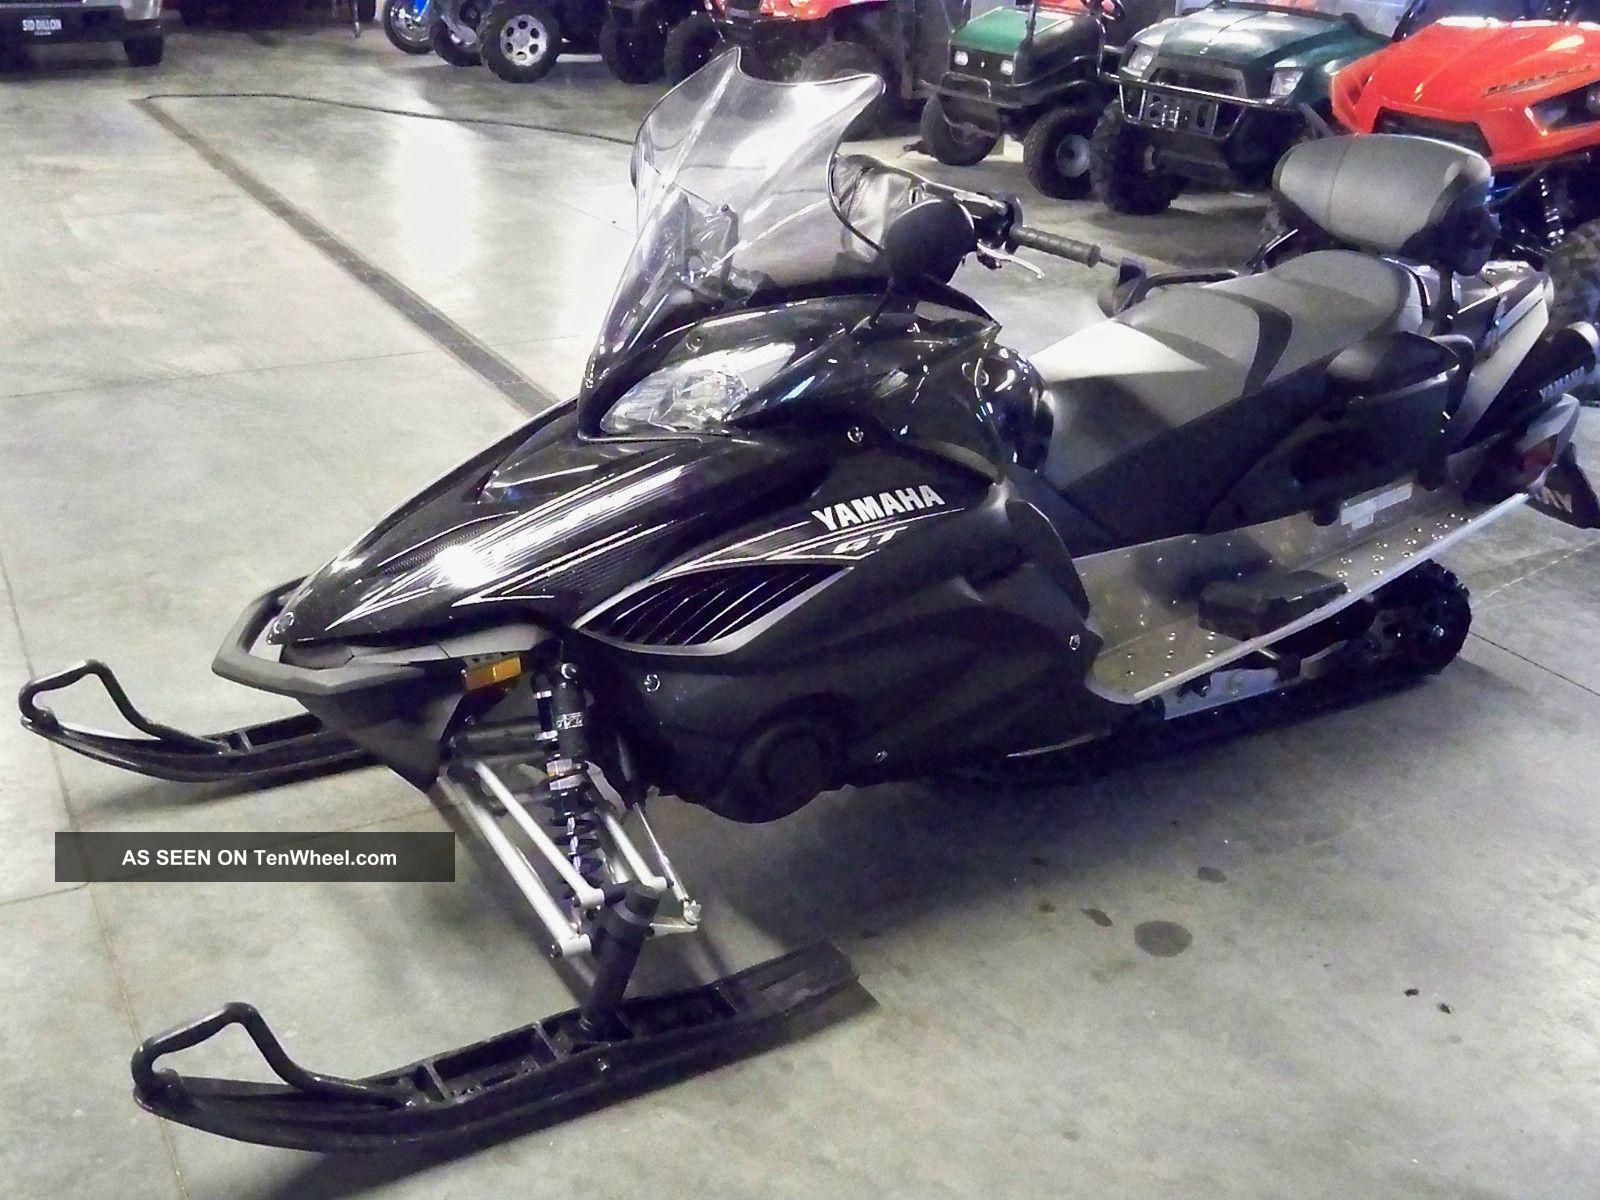 2011 Yamaha Rs Venture Gt